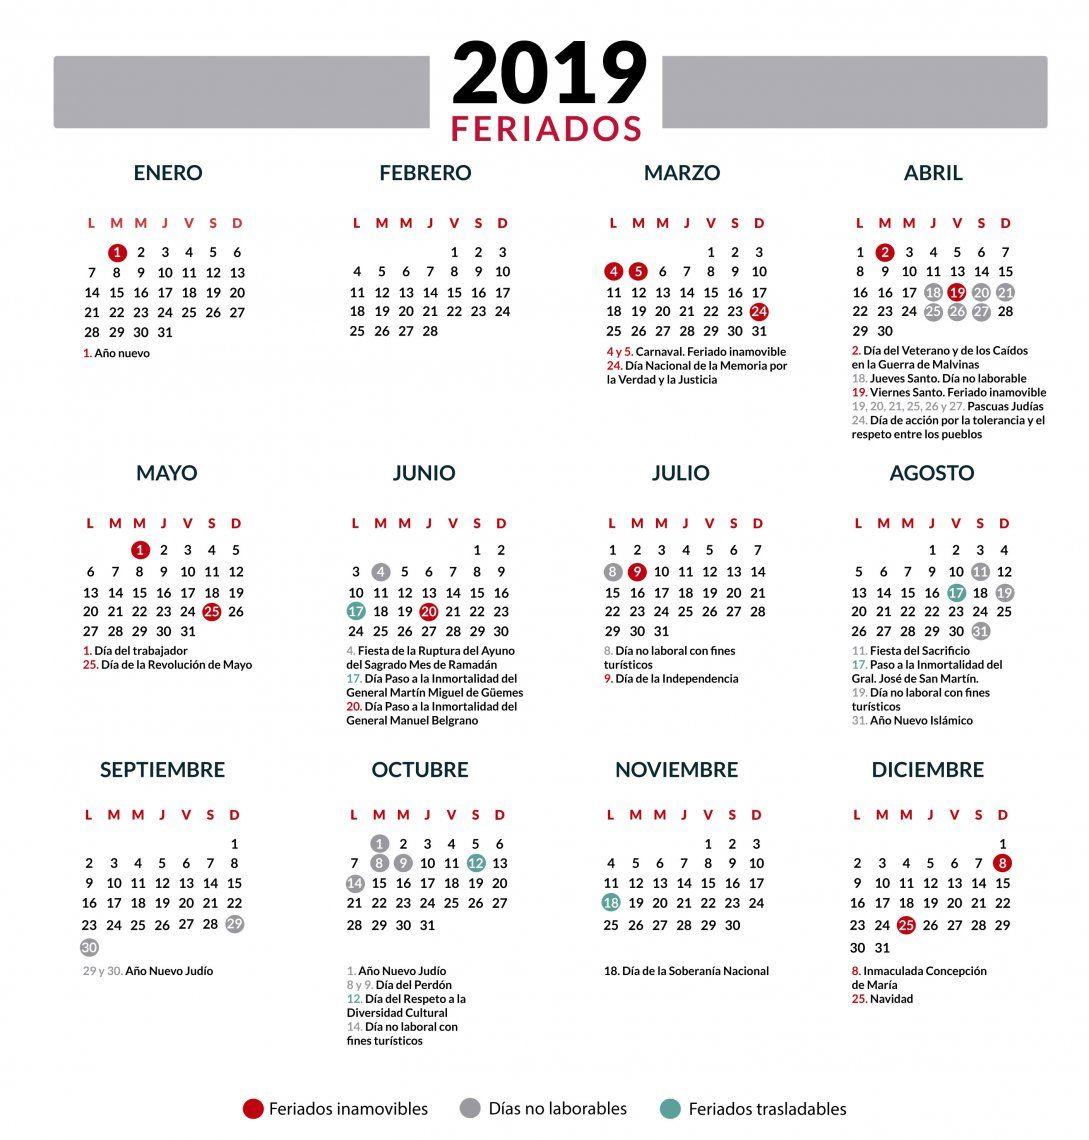 Calendario Fin De Semana 2019.Feriado Carnaval 2019 Cuando Es Y Que Dias Caen El Fin De